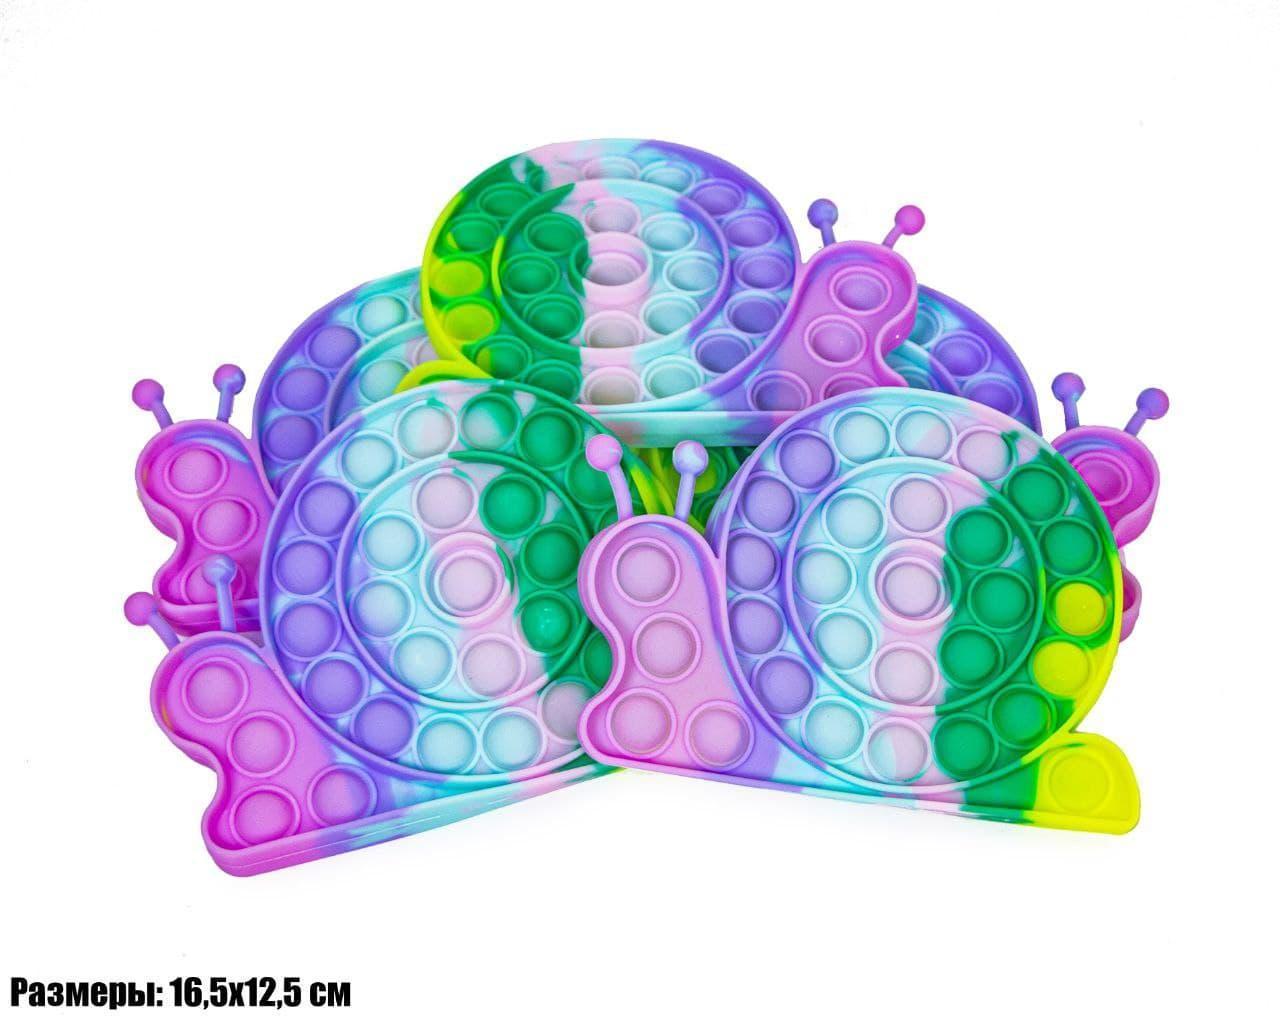 Антистрес Pop It Поп Іт Пупирка ЯКІСНА іграшка з бульбашками - Равлик